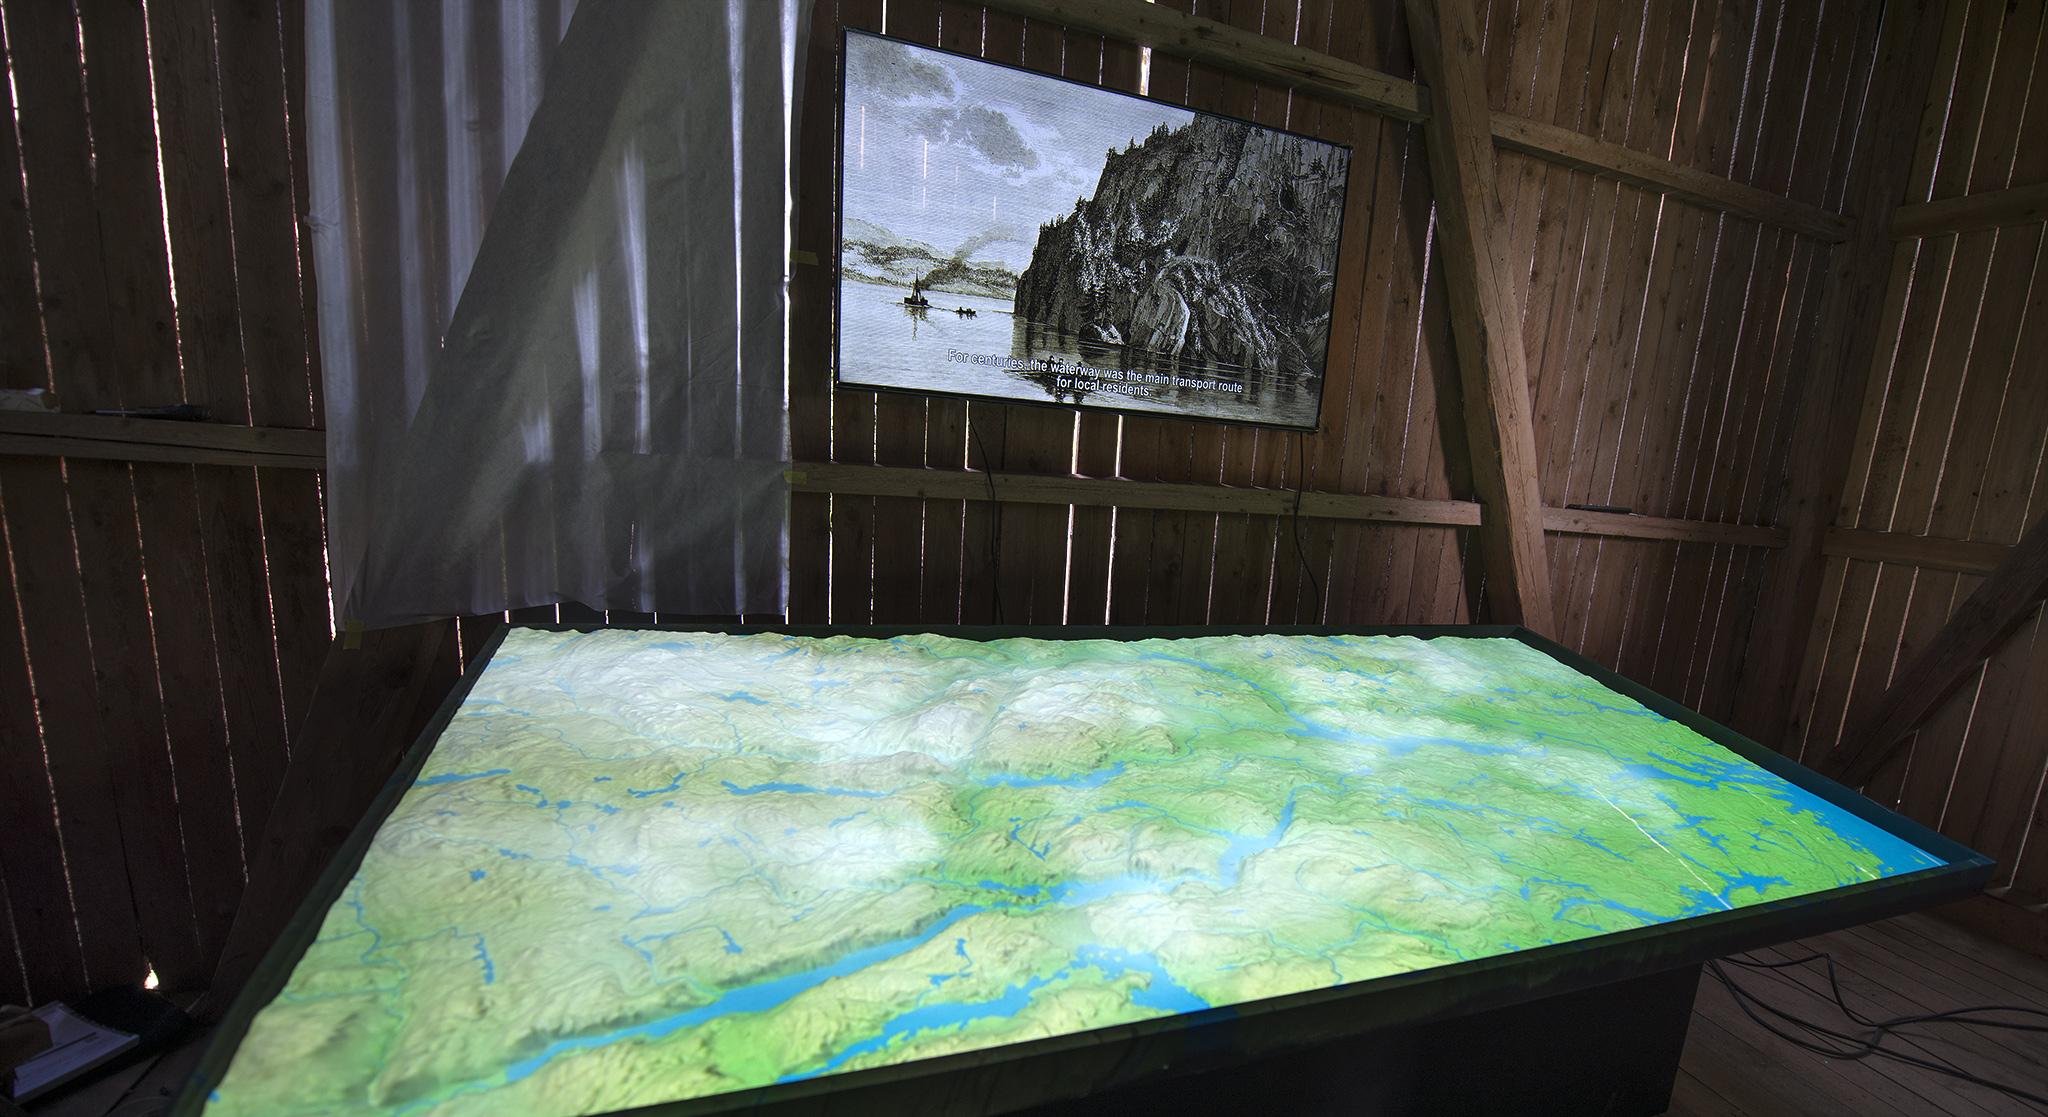 I den gamle låven vises kanalhistorien i form av en animasjon på en tredimensjonal landskapsmodell.